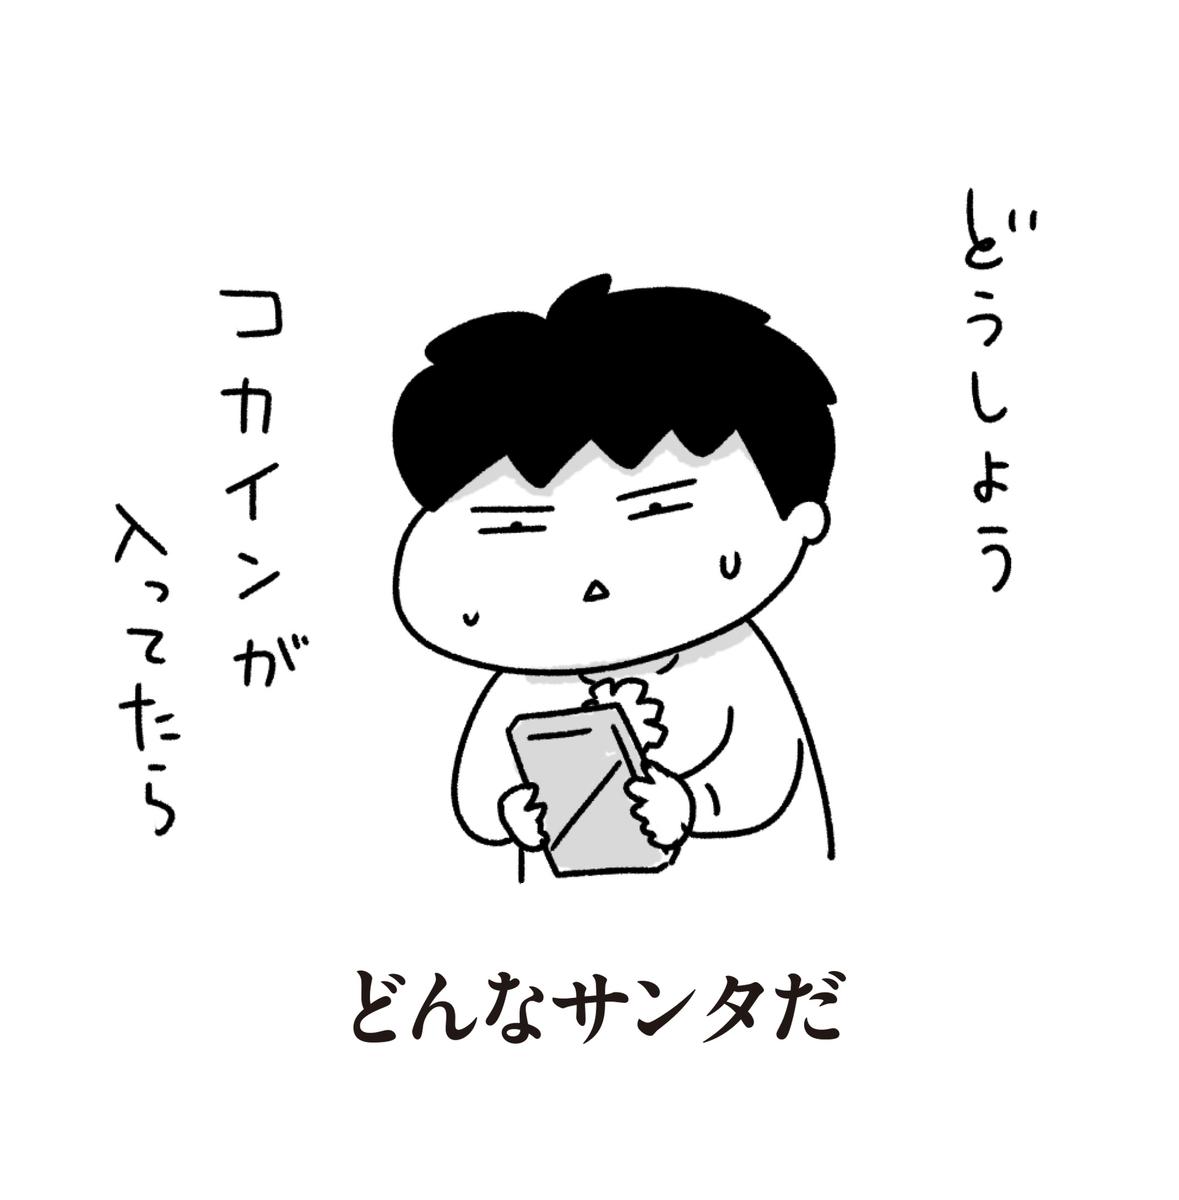 f:id:chokko_san:20191227155500j:plain